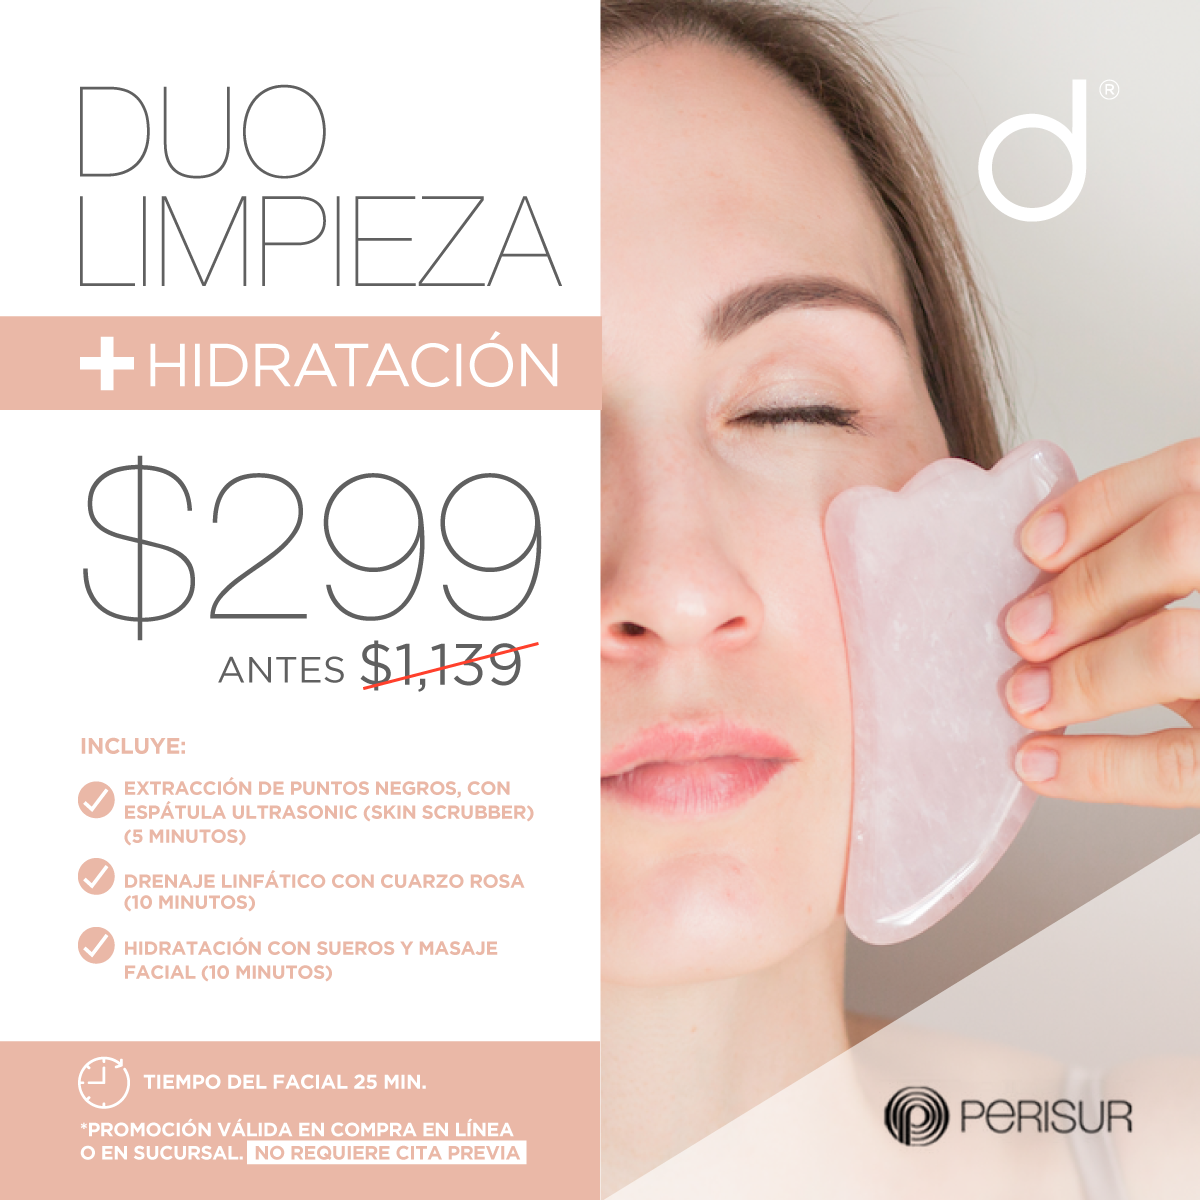 Facial Duo Limpieza + Hidratación- SÓLO PERISUR&w=900&h=900&fit=crop